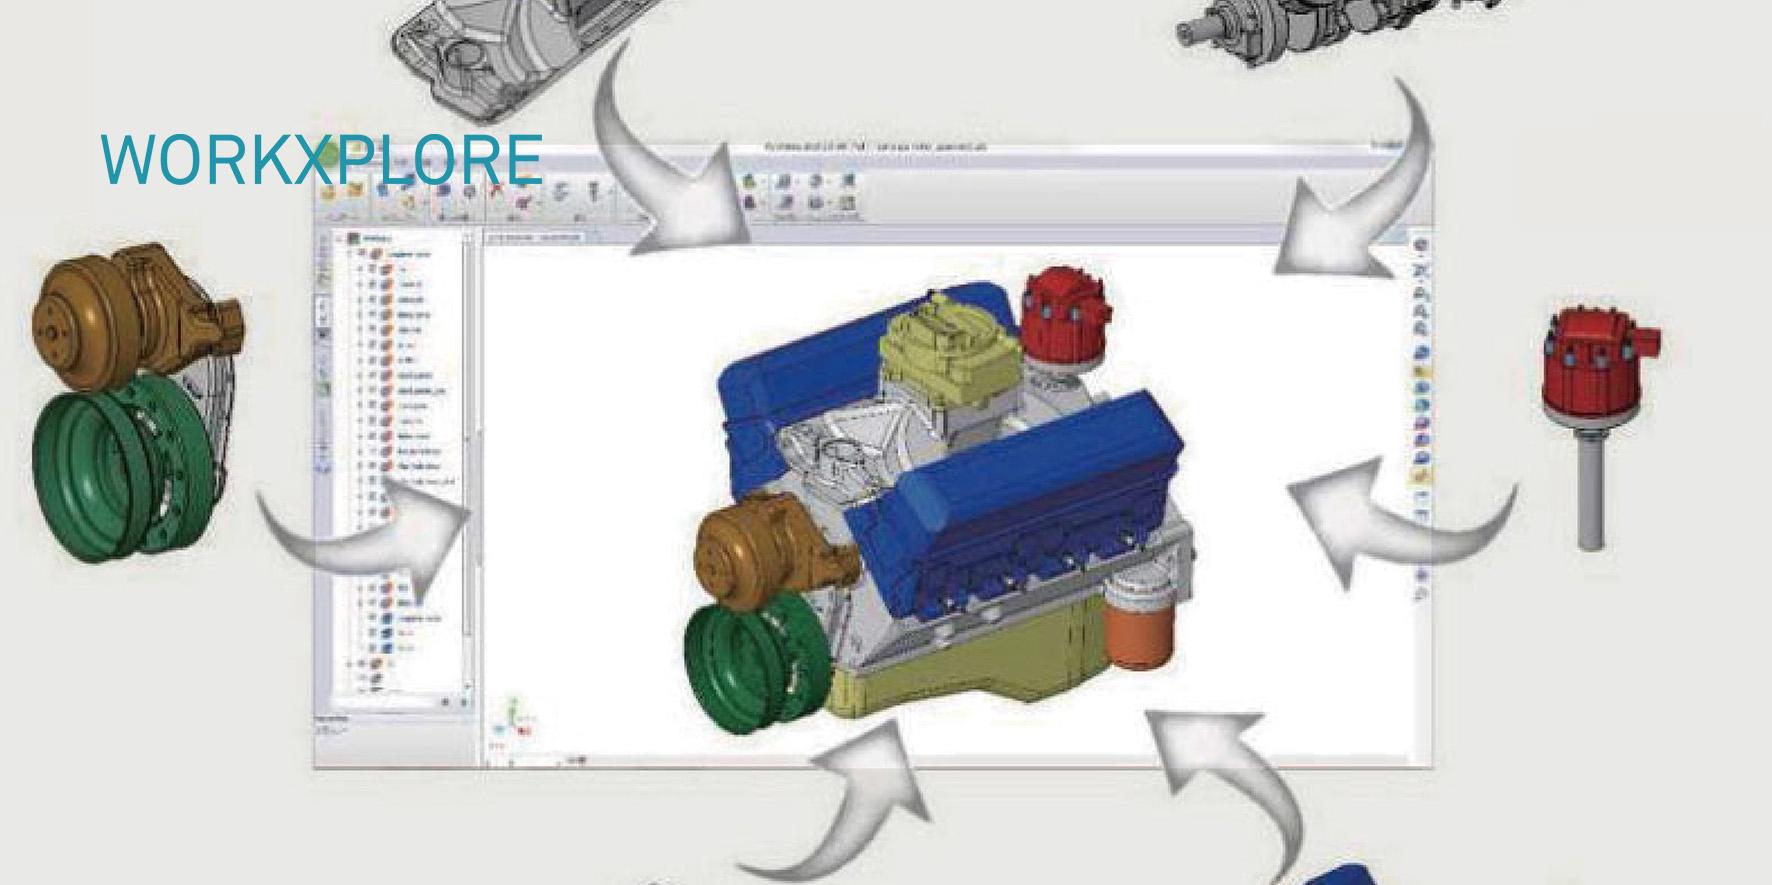 加工現場の3D情報可視化へ エンジニアリング向けクライアント3Dビューア